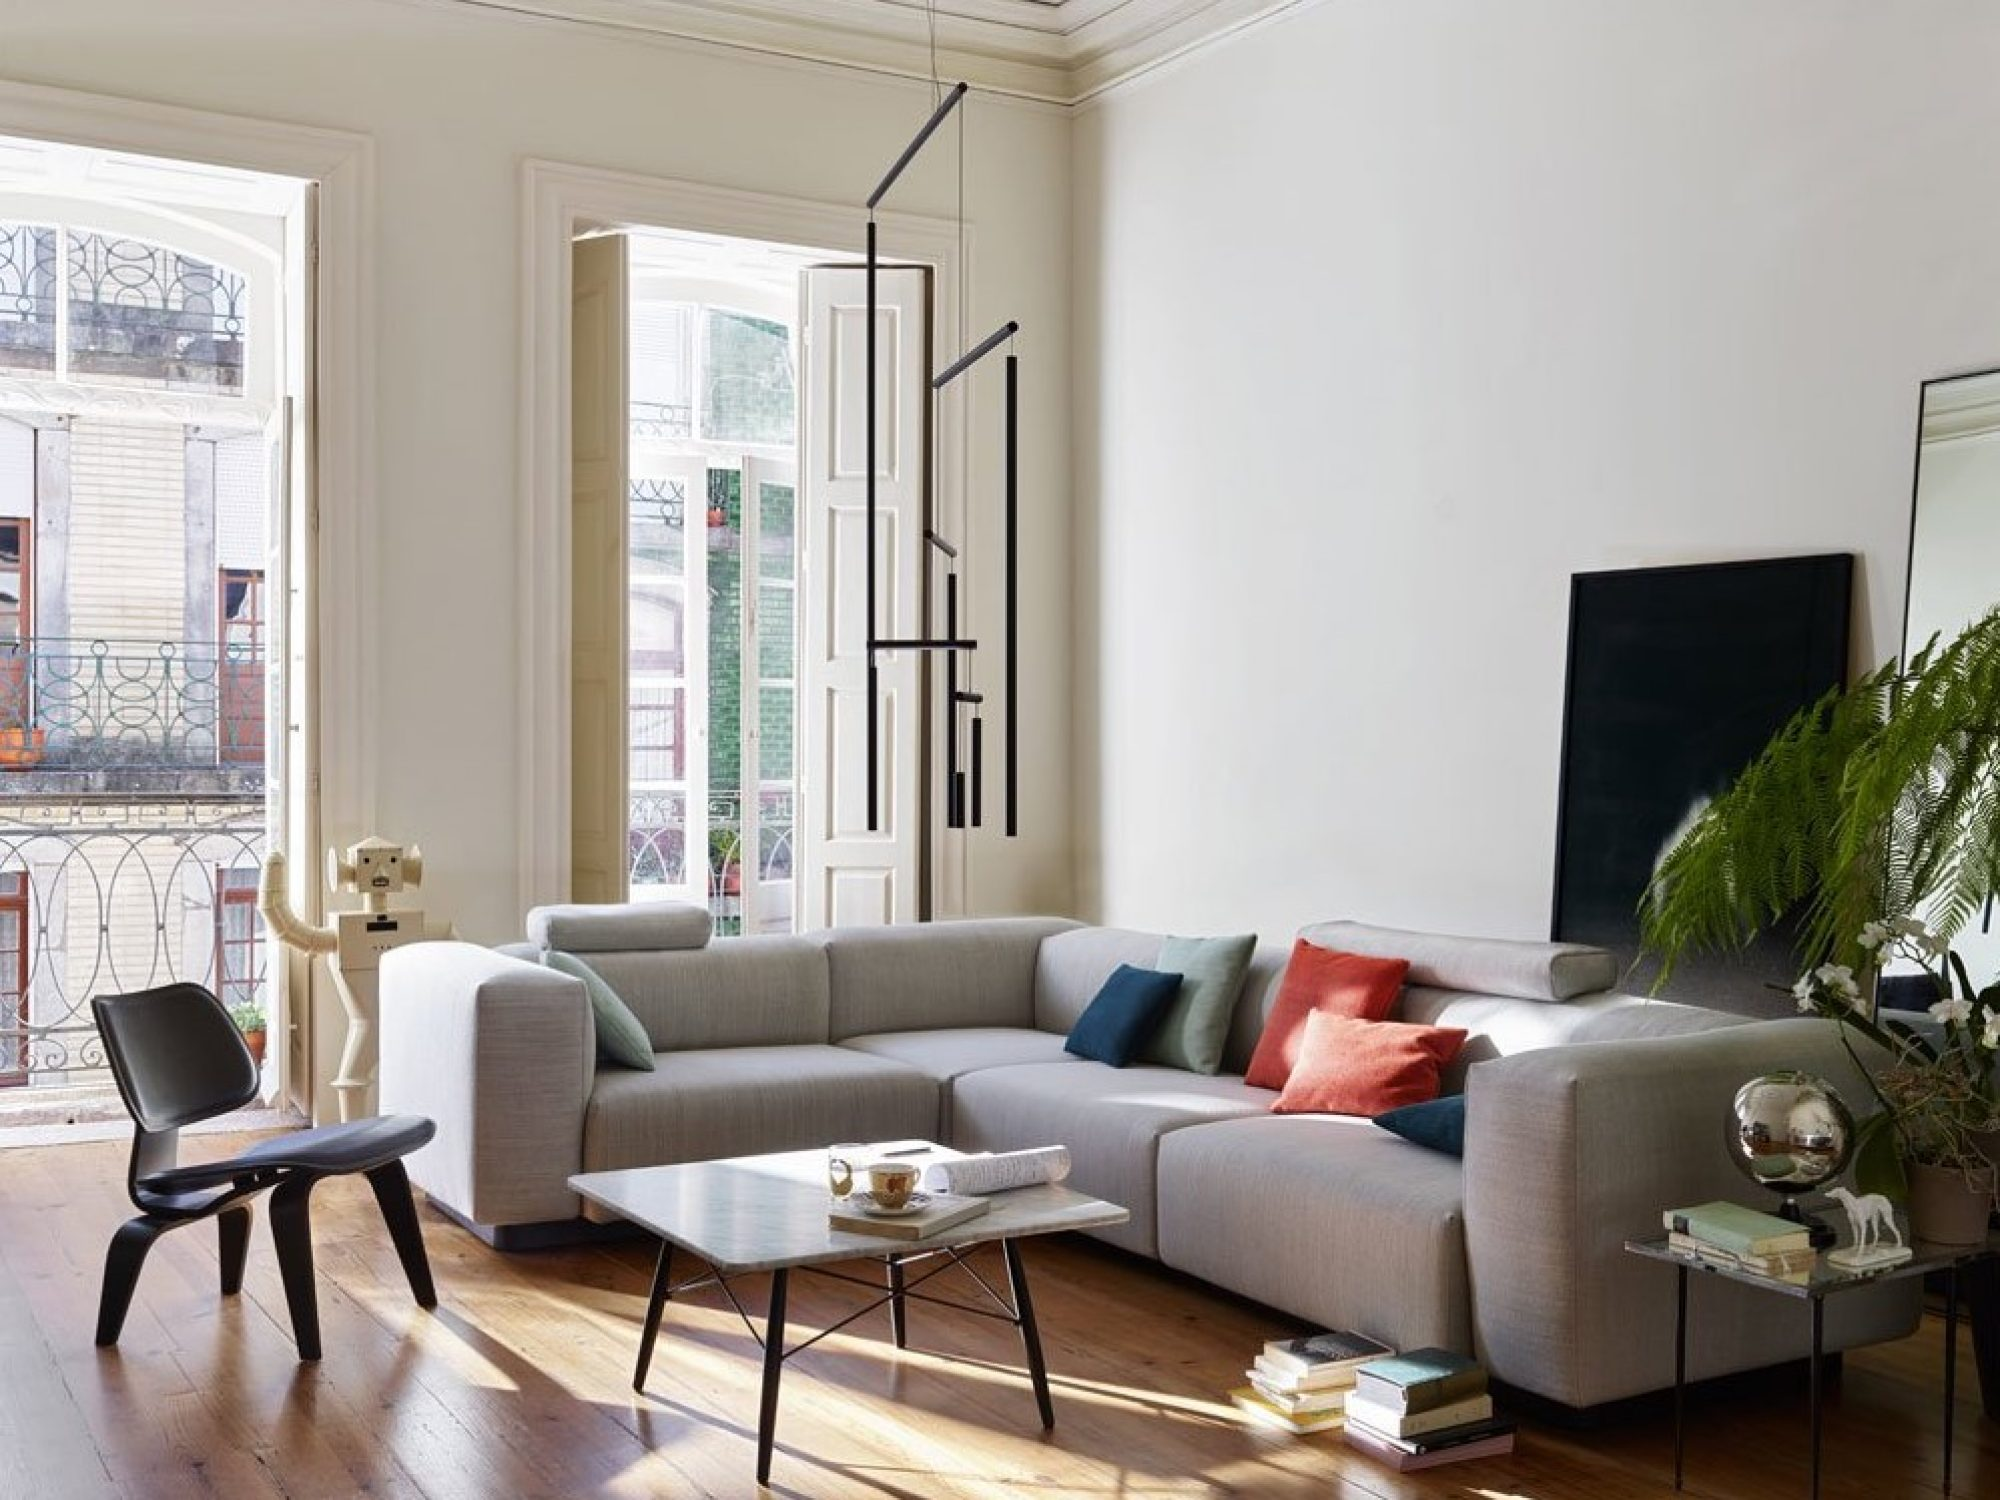 Vitra Modular Sofa